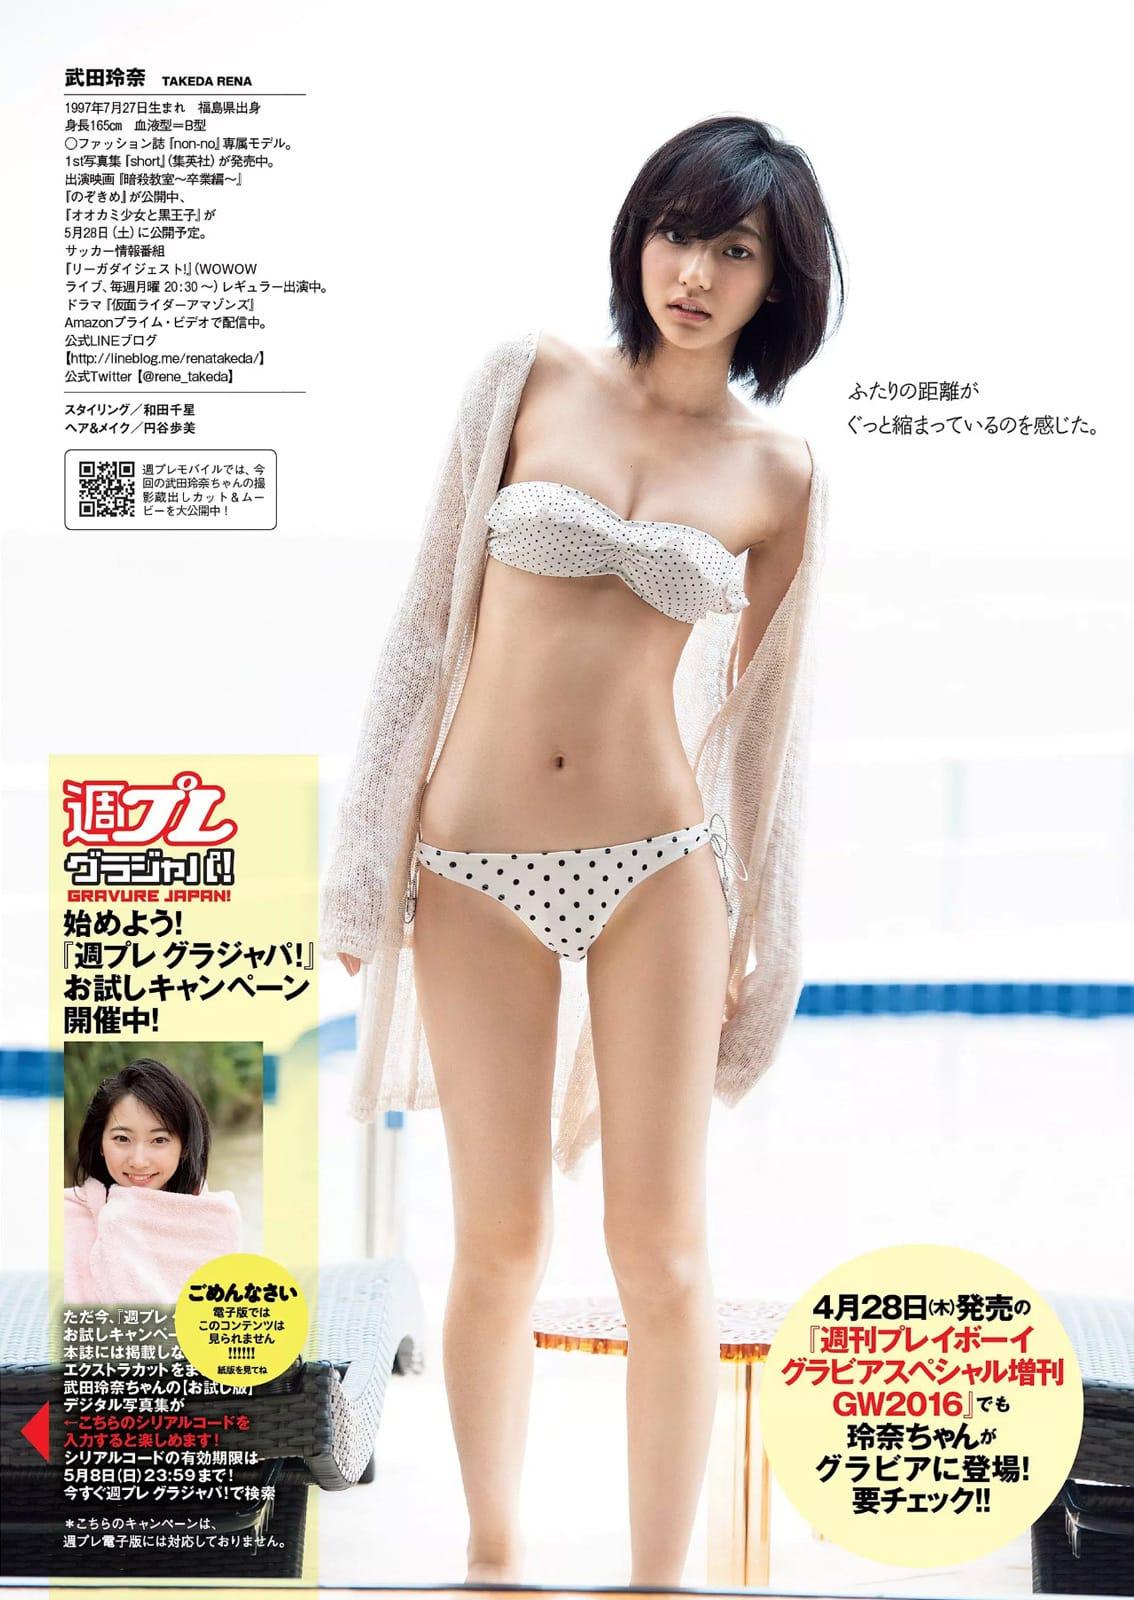 「週刊プレイボーイ 2016 No.19・20」武田玲奈の水着グラビア